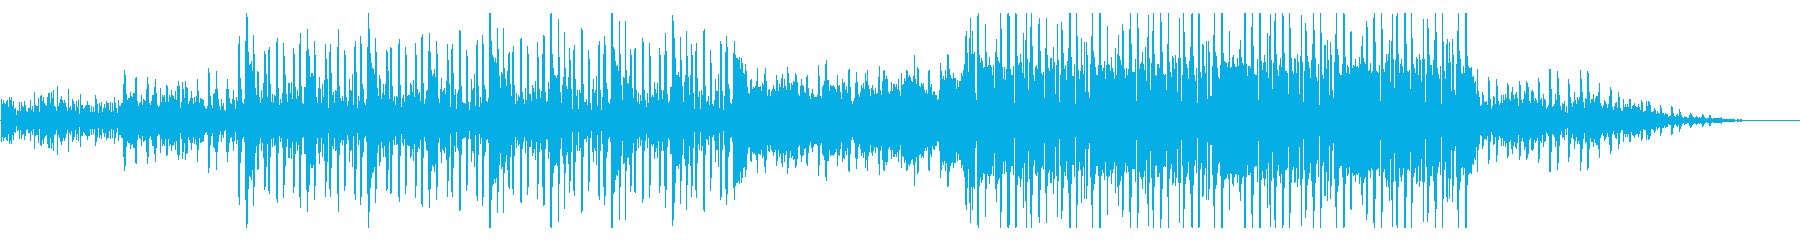 メランコリックな木琴テクスチャーの再生済みの波形